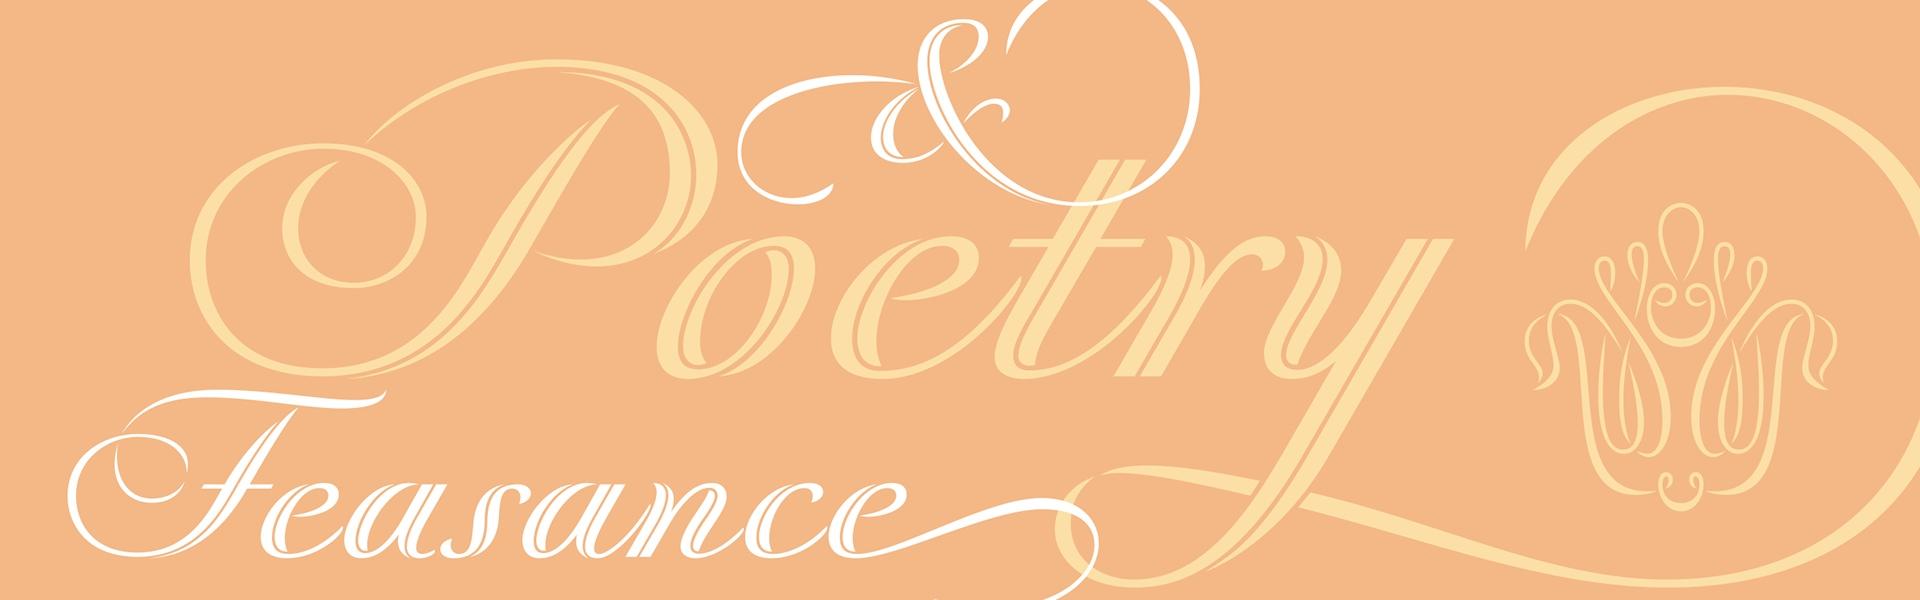 Perfil美式古典花式手写连笔英文字体下载